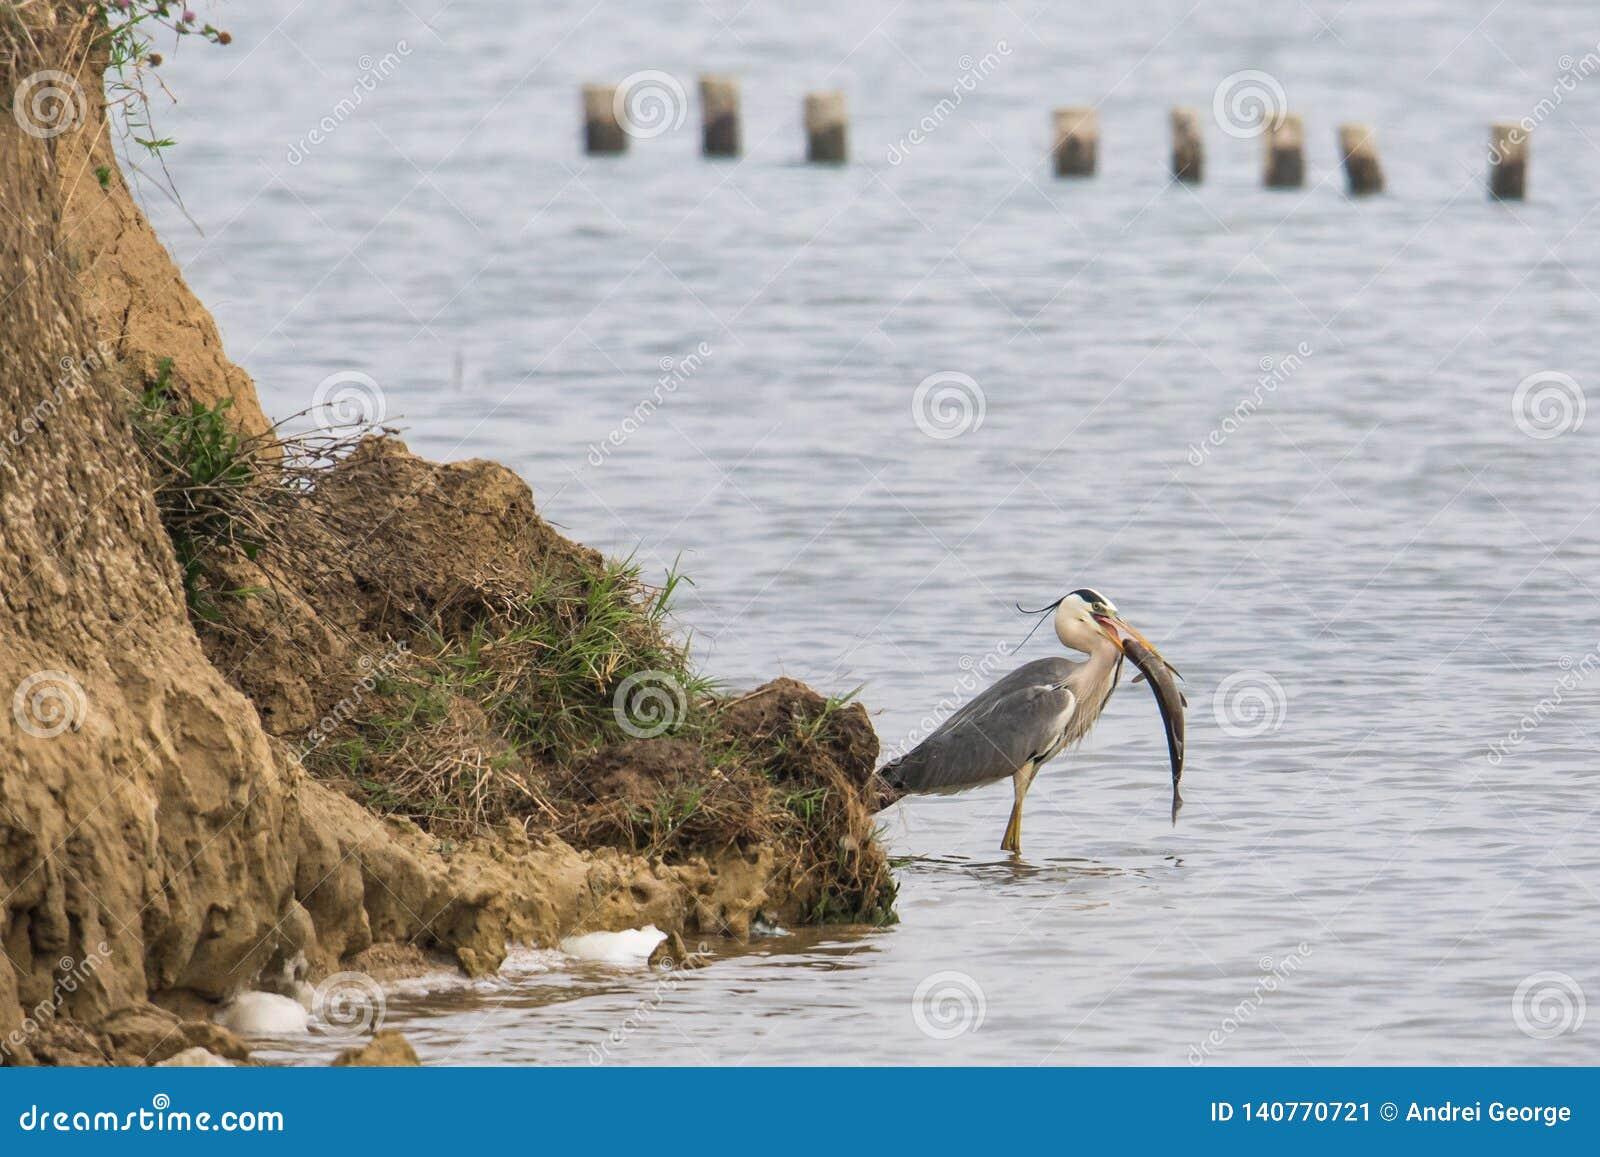 Pájaro salvaje: Garza gris con un pescado grande para el almuerzo